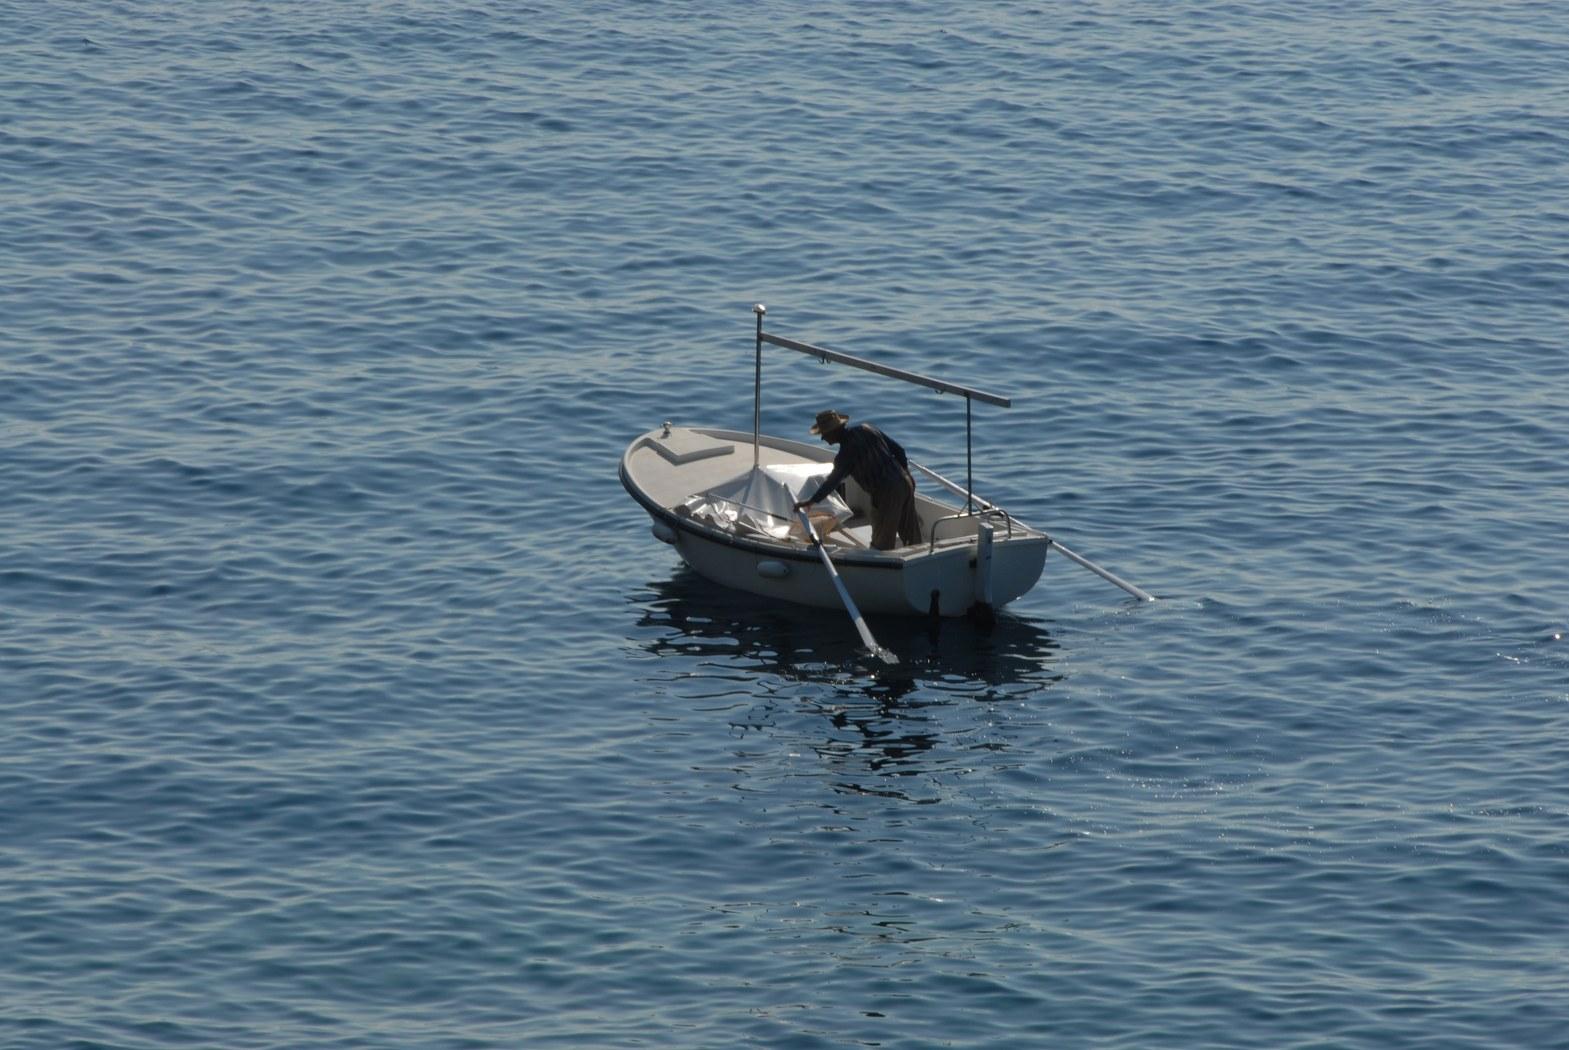 34_boat_1569_1050